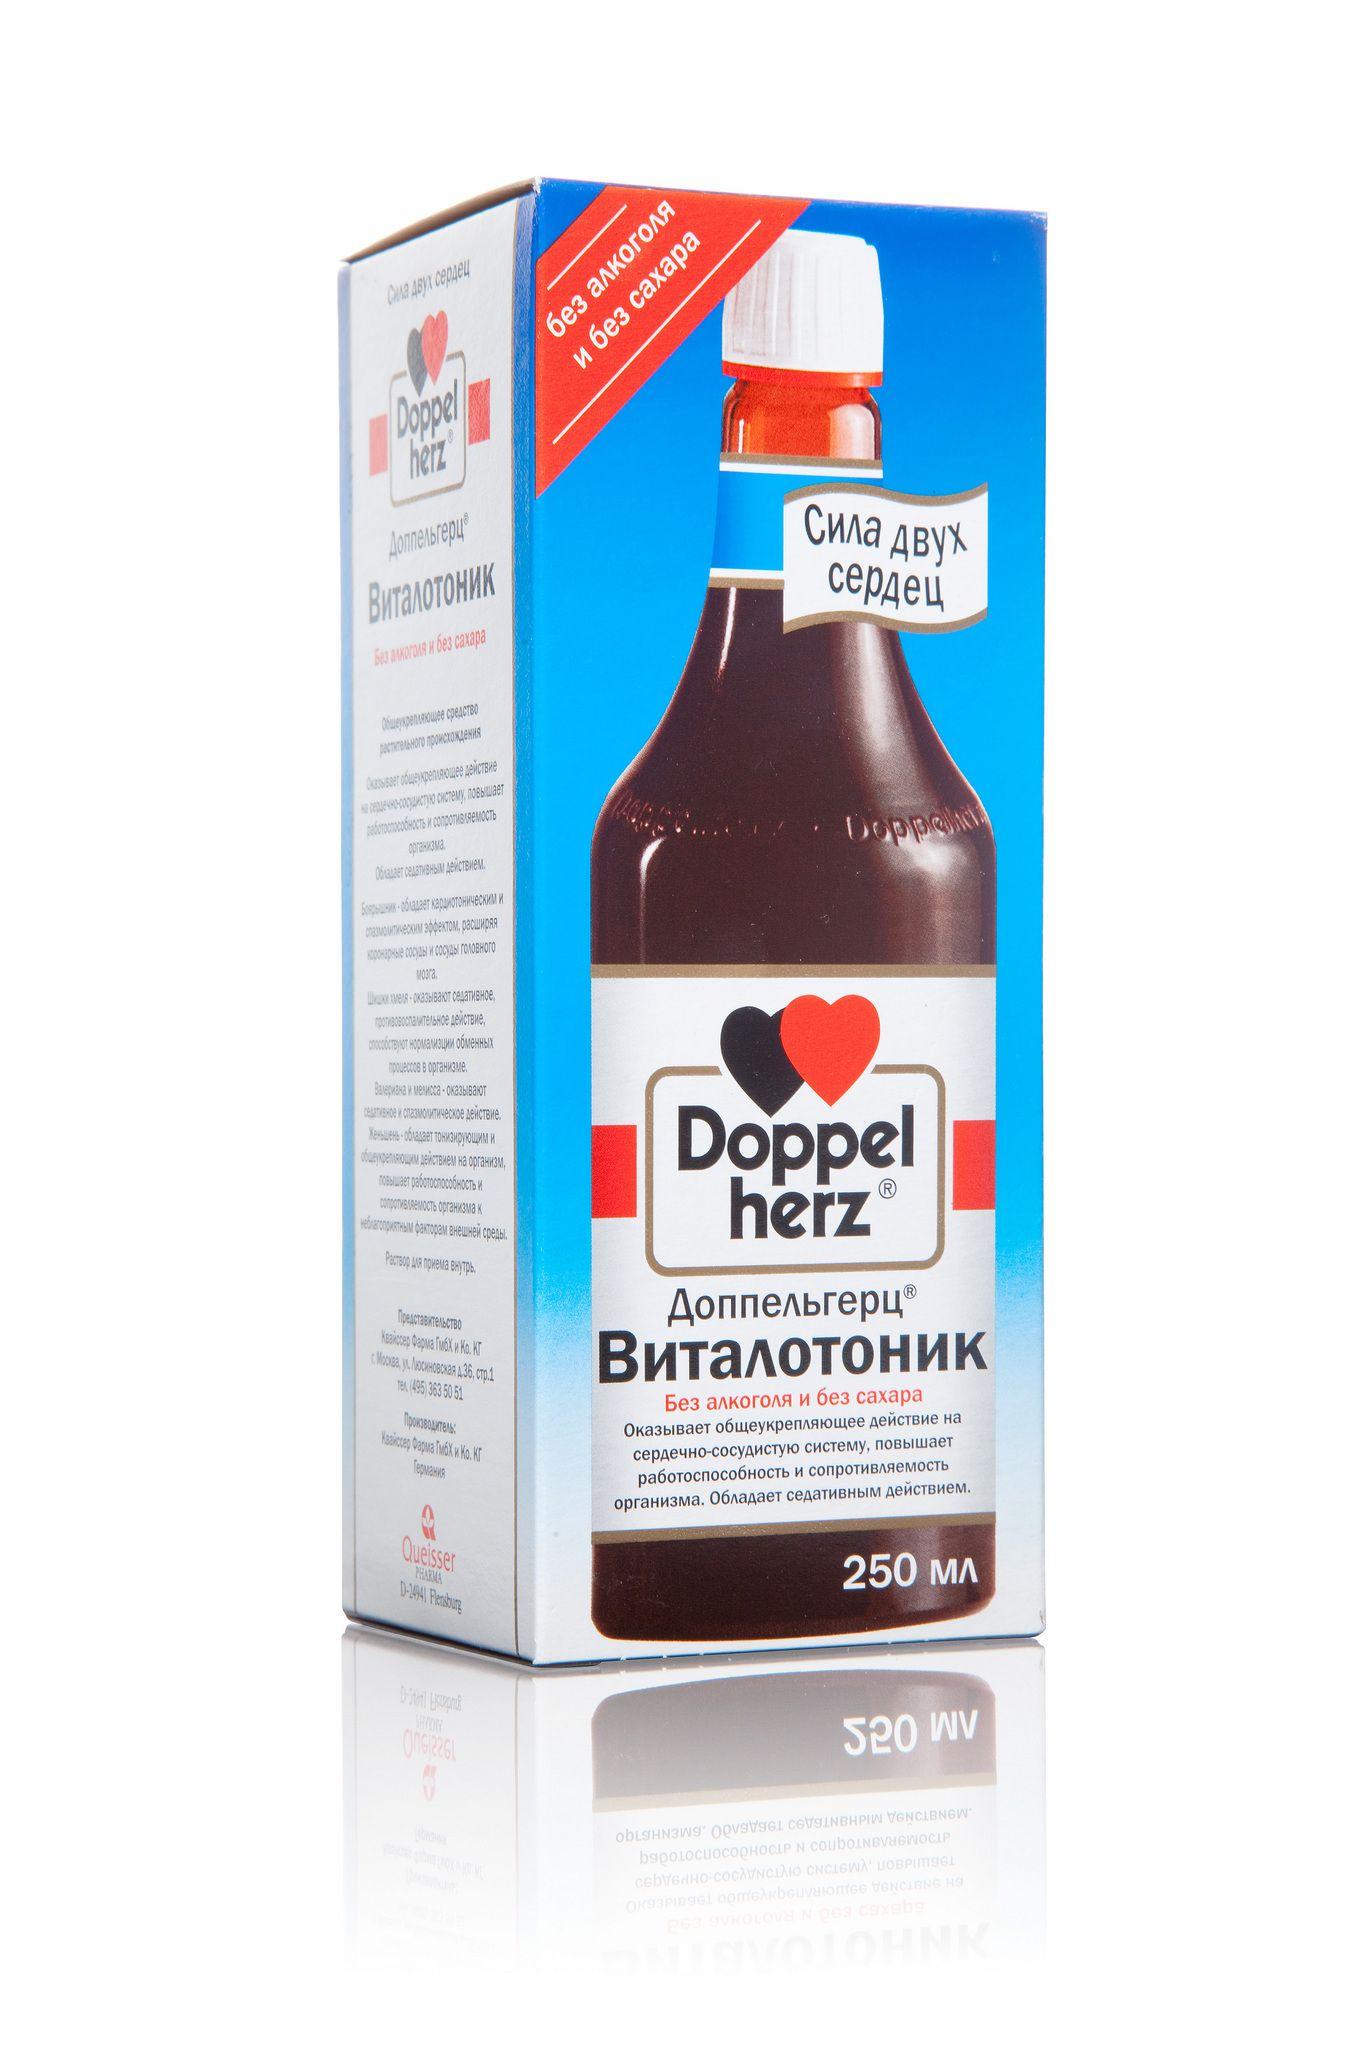 Доппельгерц Виталотоник, раствор для приема внутрь, 250 мл, 1 шт.